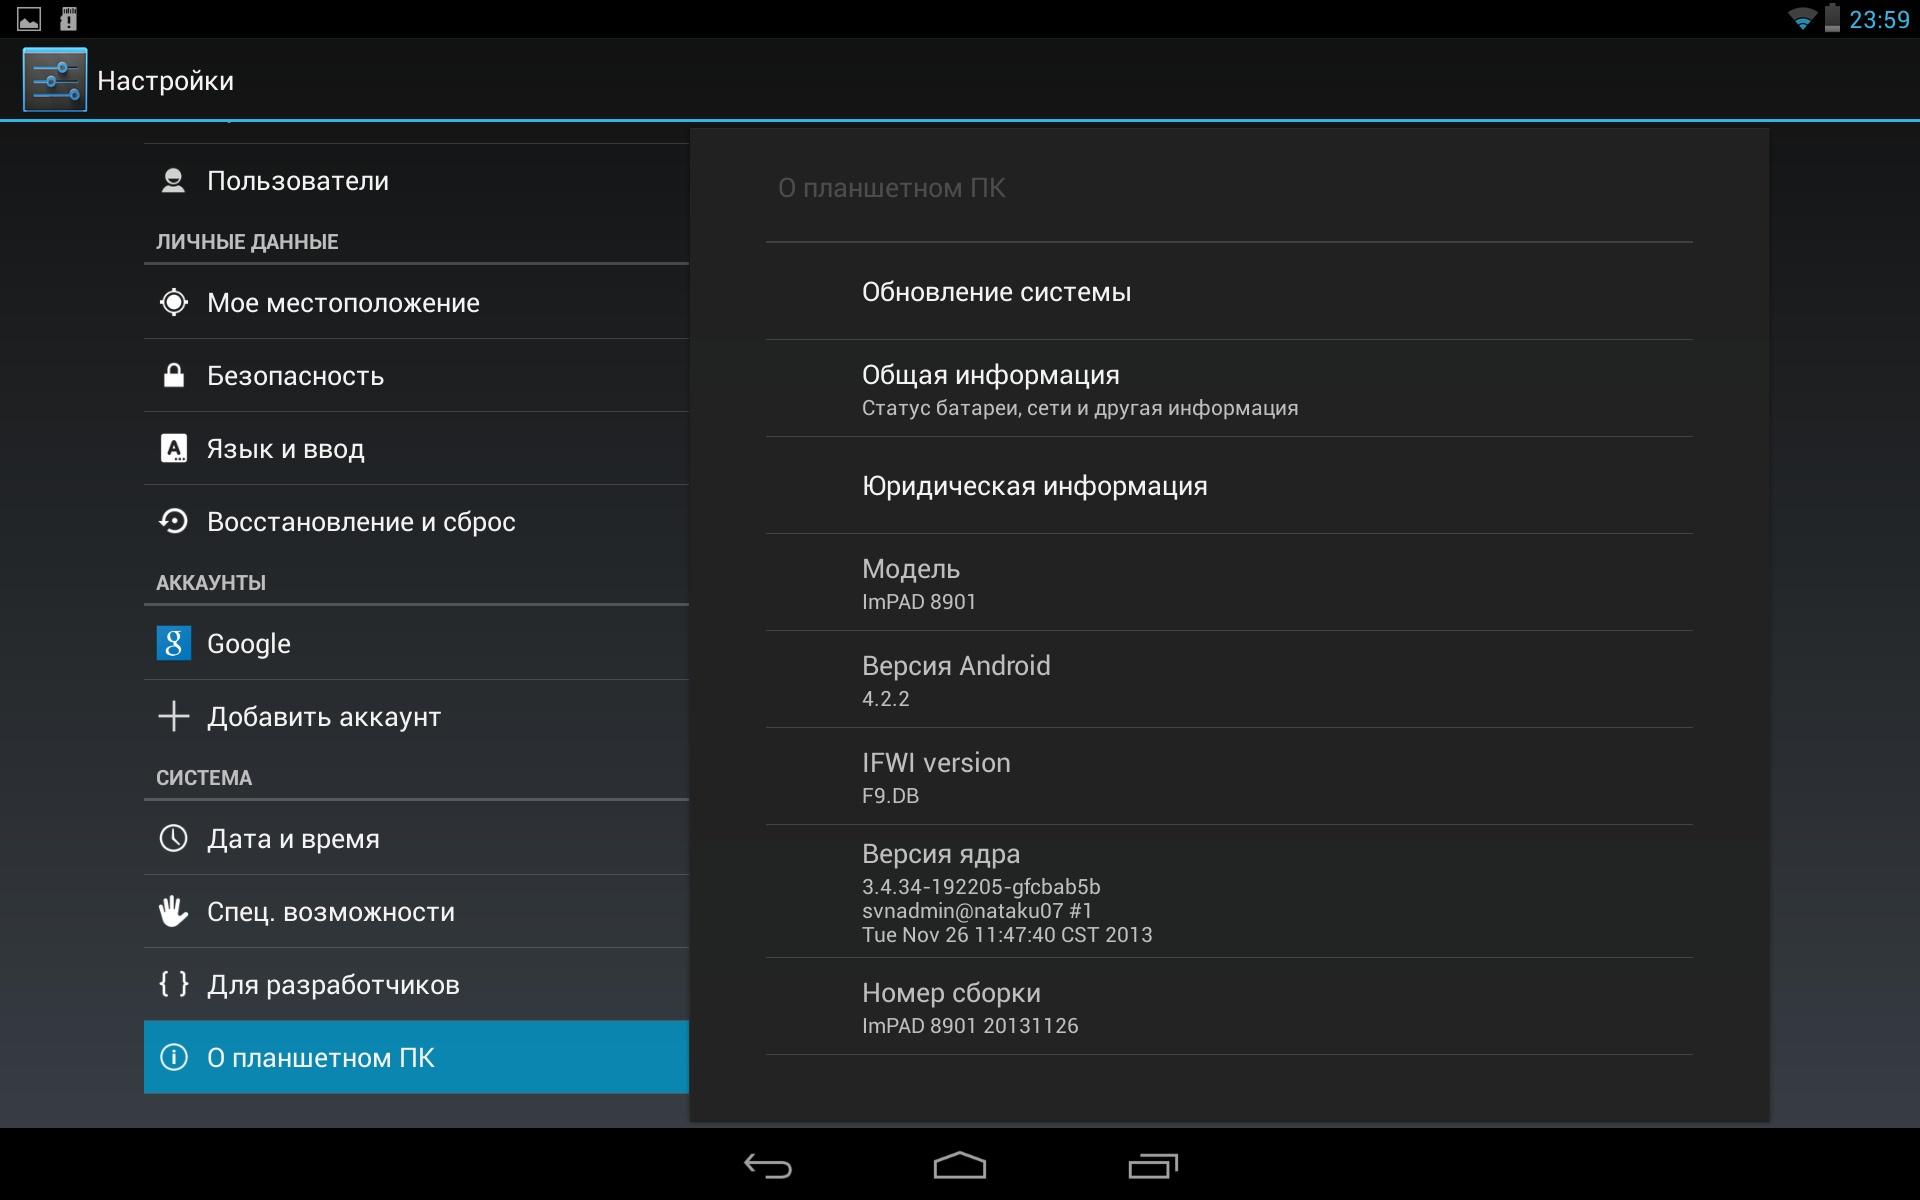 Сколько Нужно Места Для Обновления Андроид До 4.2.2